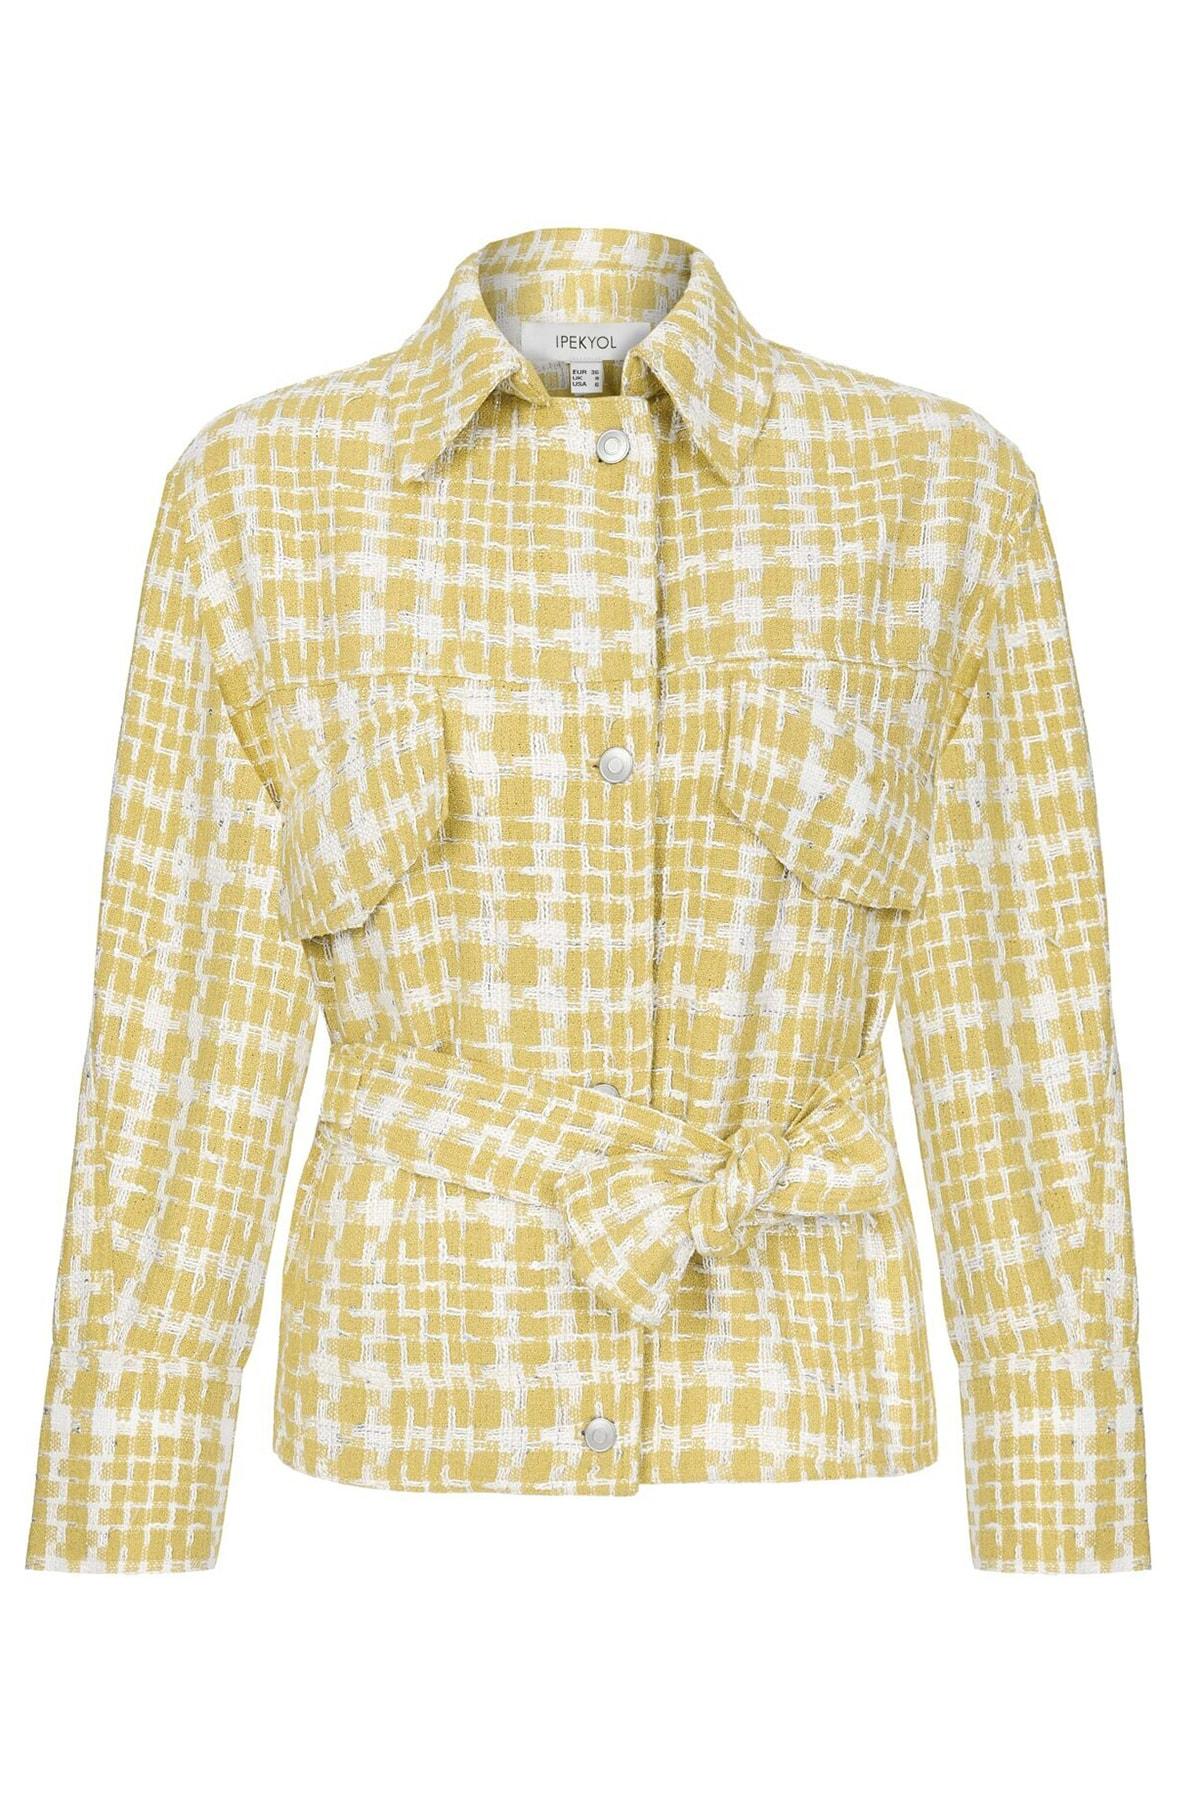 İpekyol Kadın Sarı Kuşaklı Tüvit Ceket IS1200005055009 3